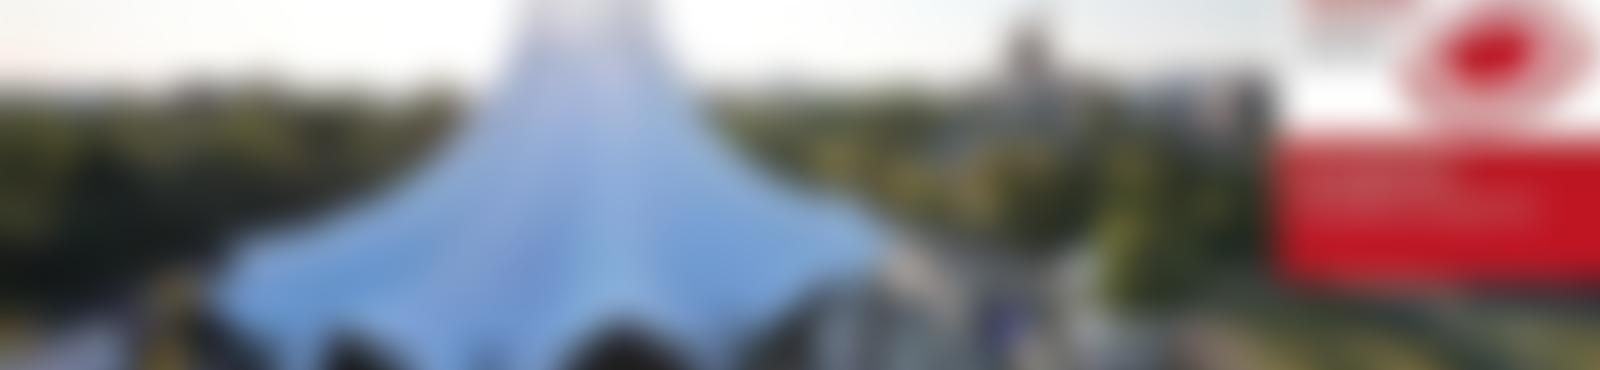 Blurred 14641932 1514212255272001 8470103553760939420 n